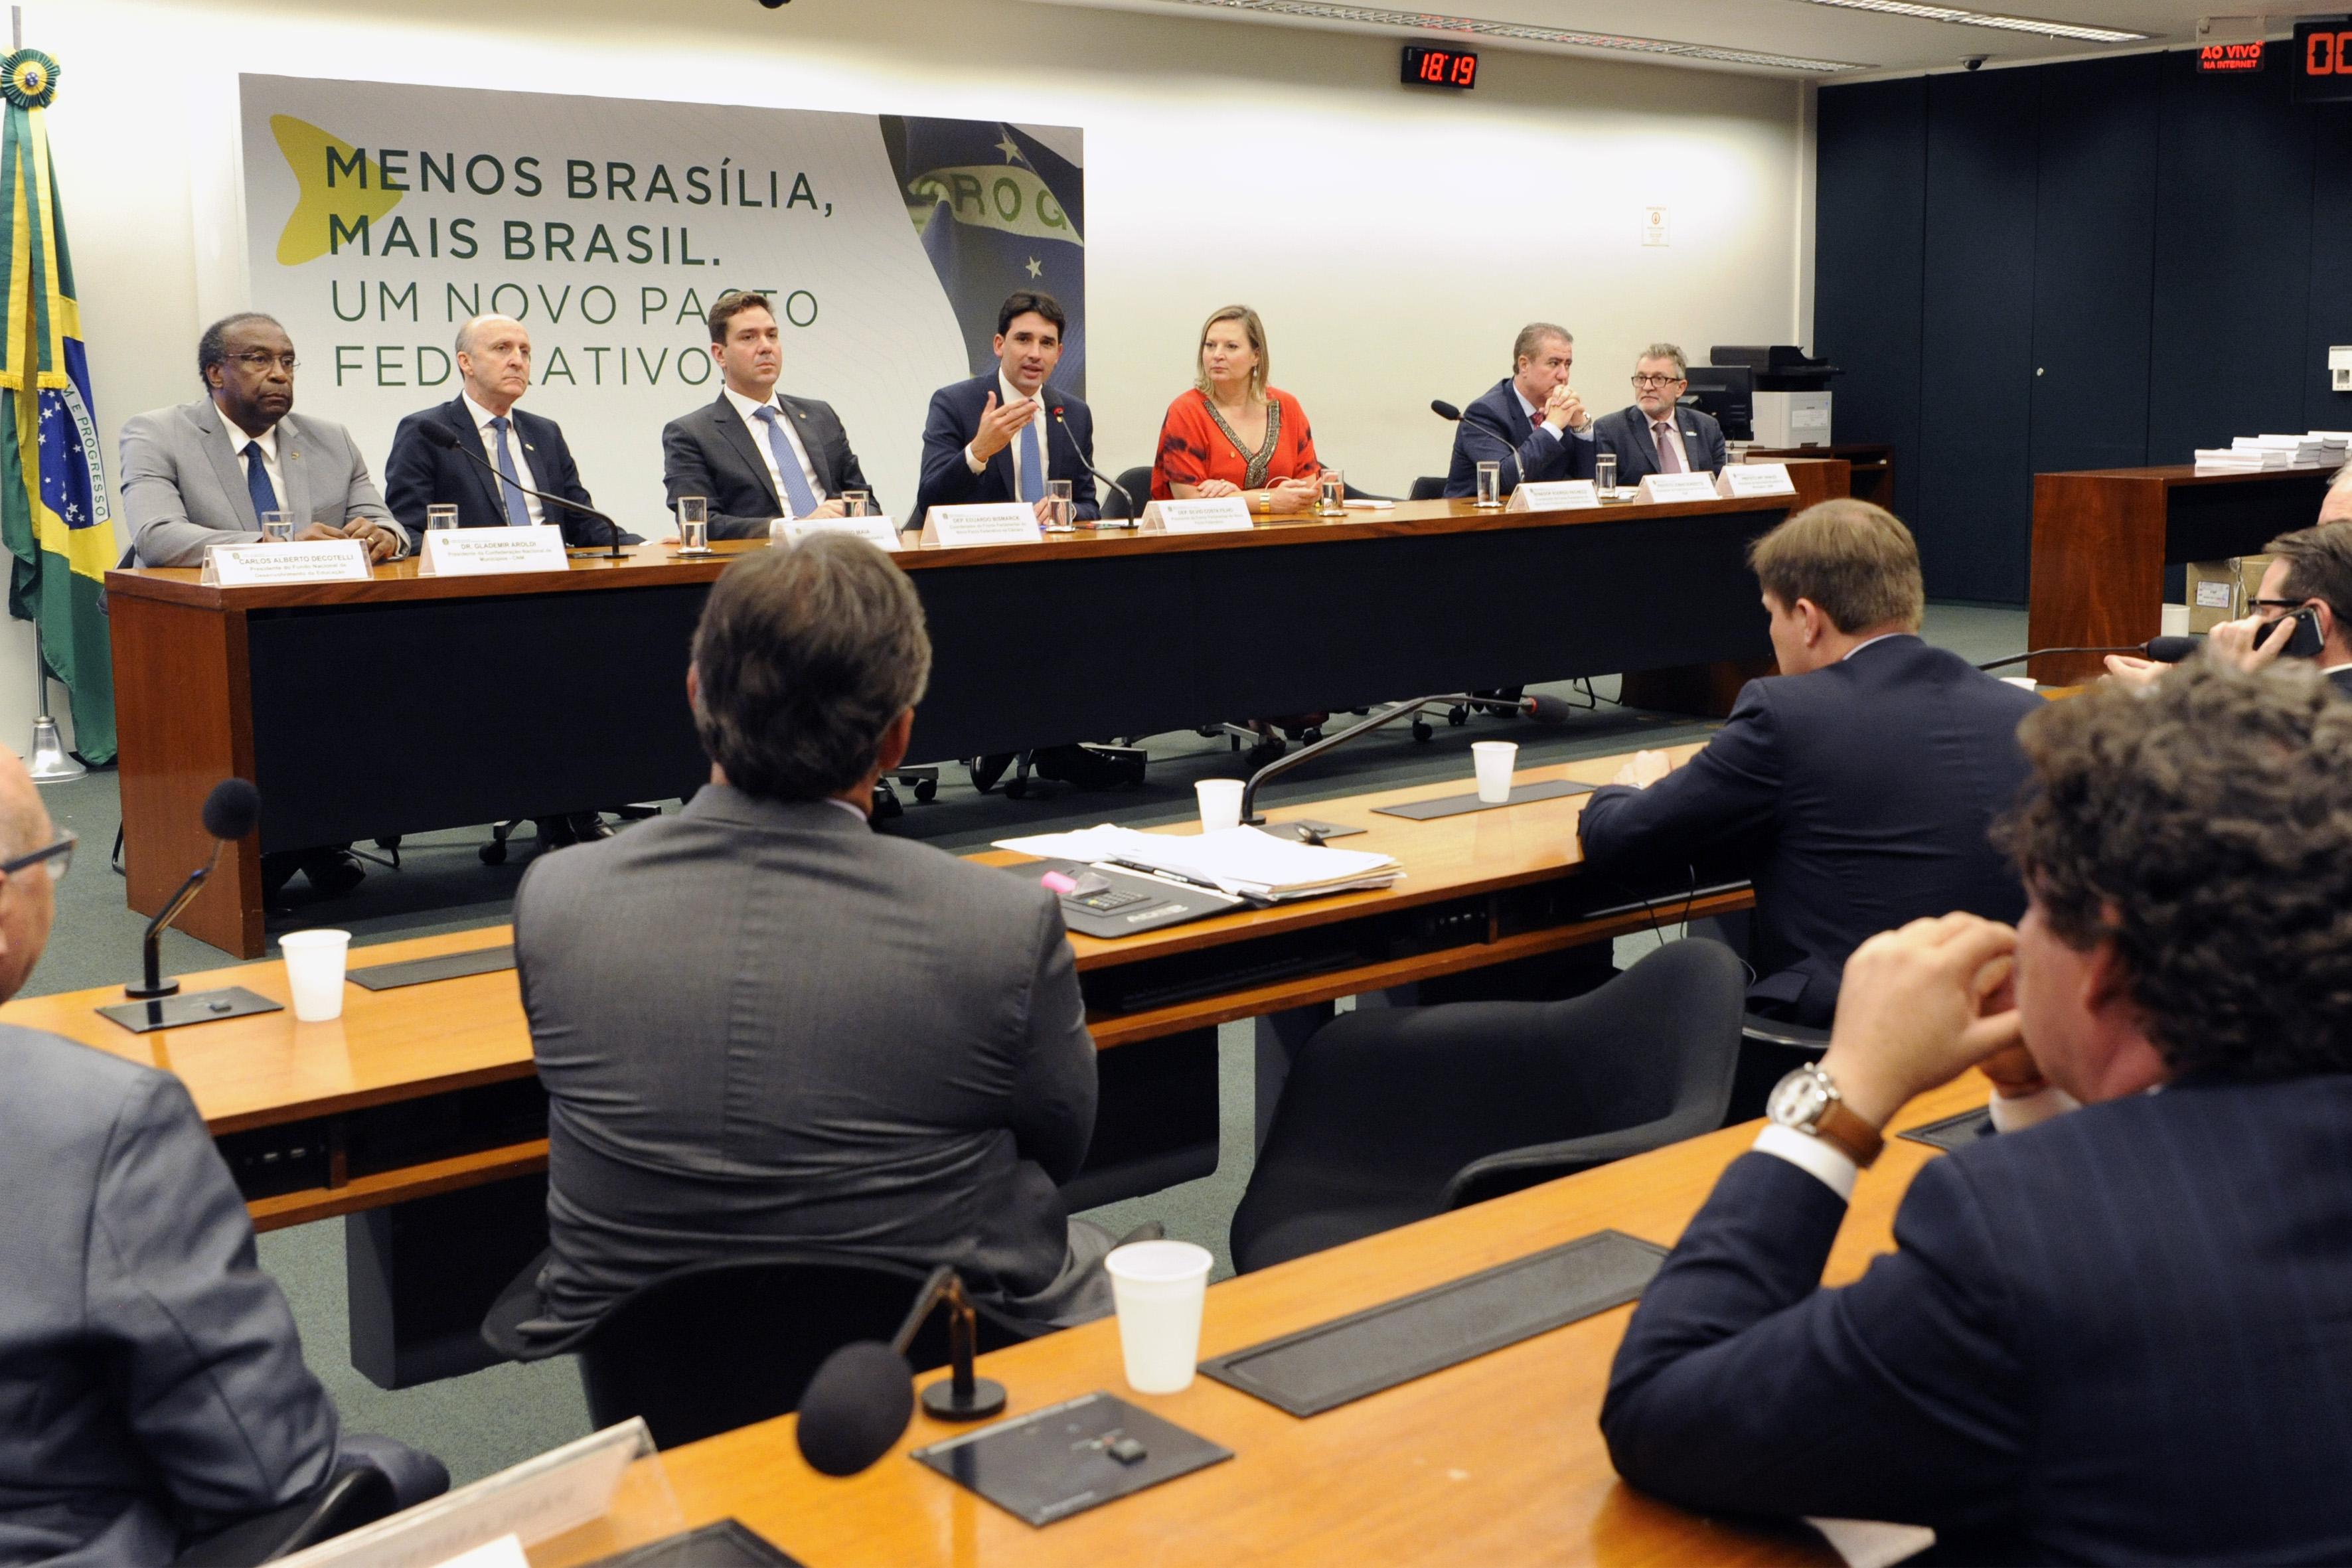 Lançamento da Frente Parlamentar pelo Pacto Federativo